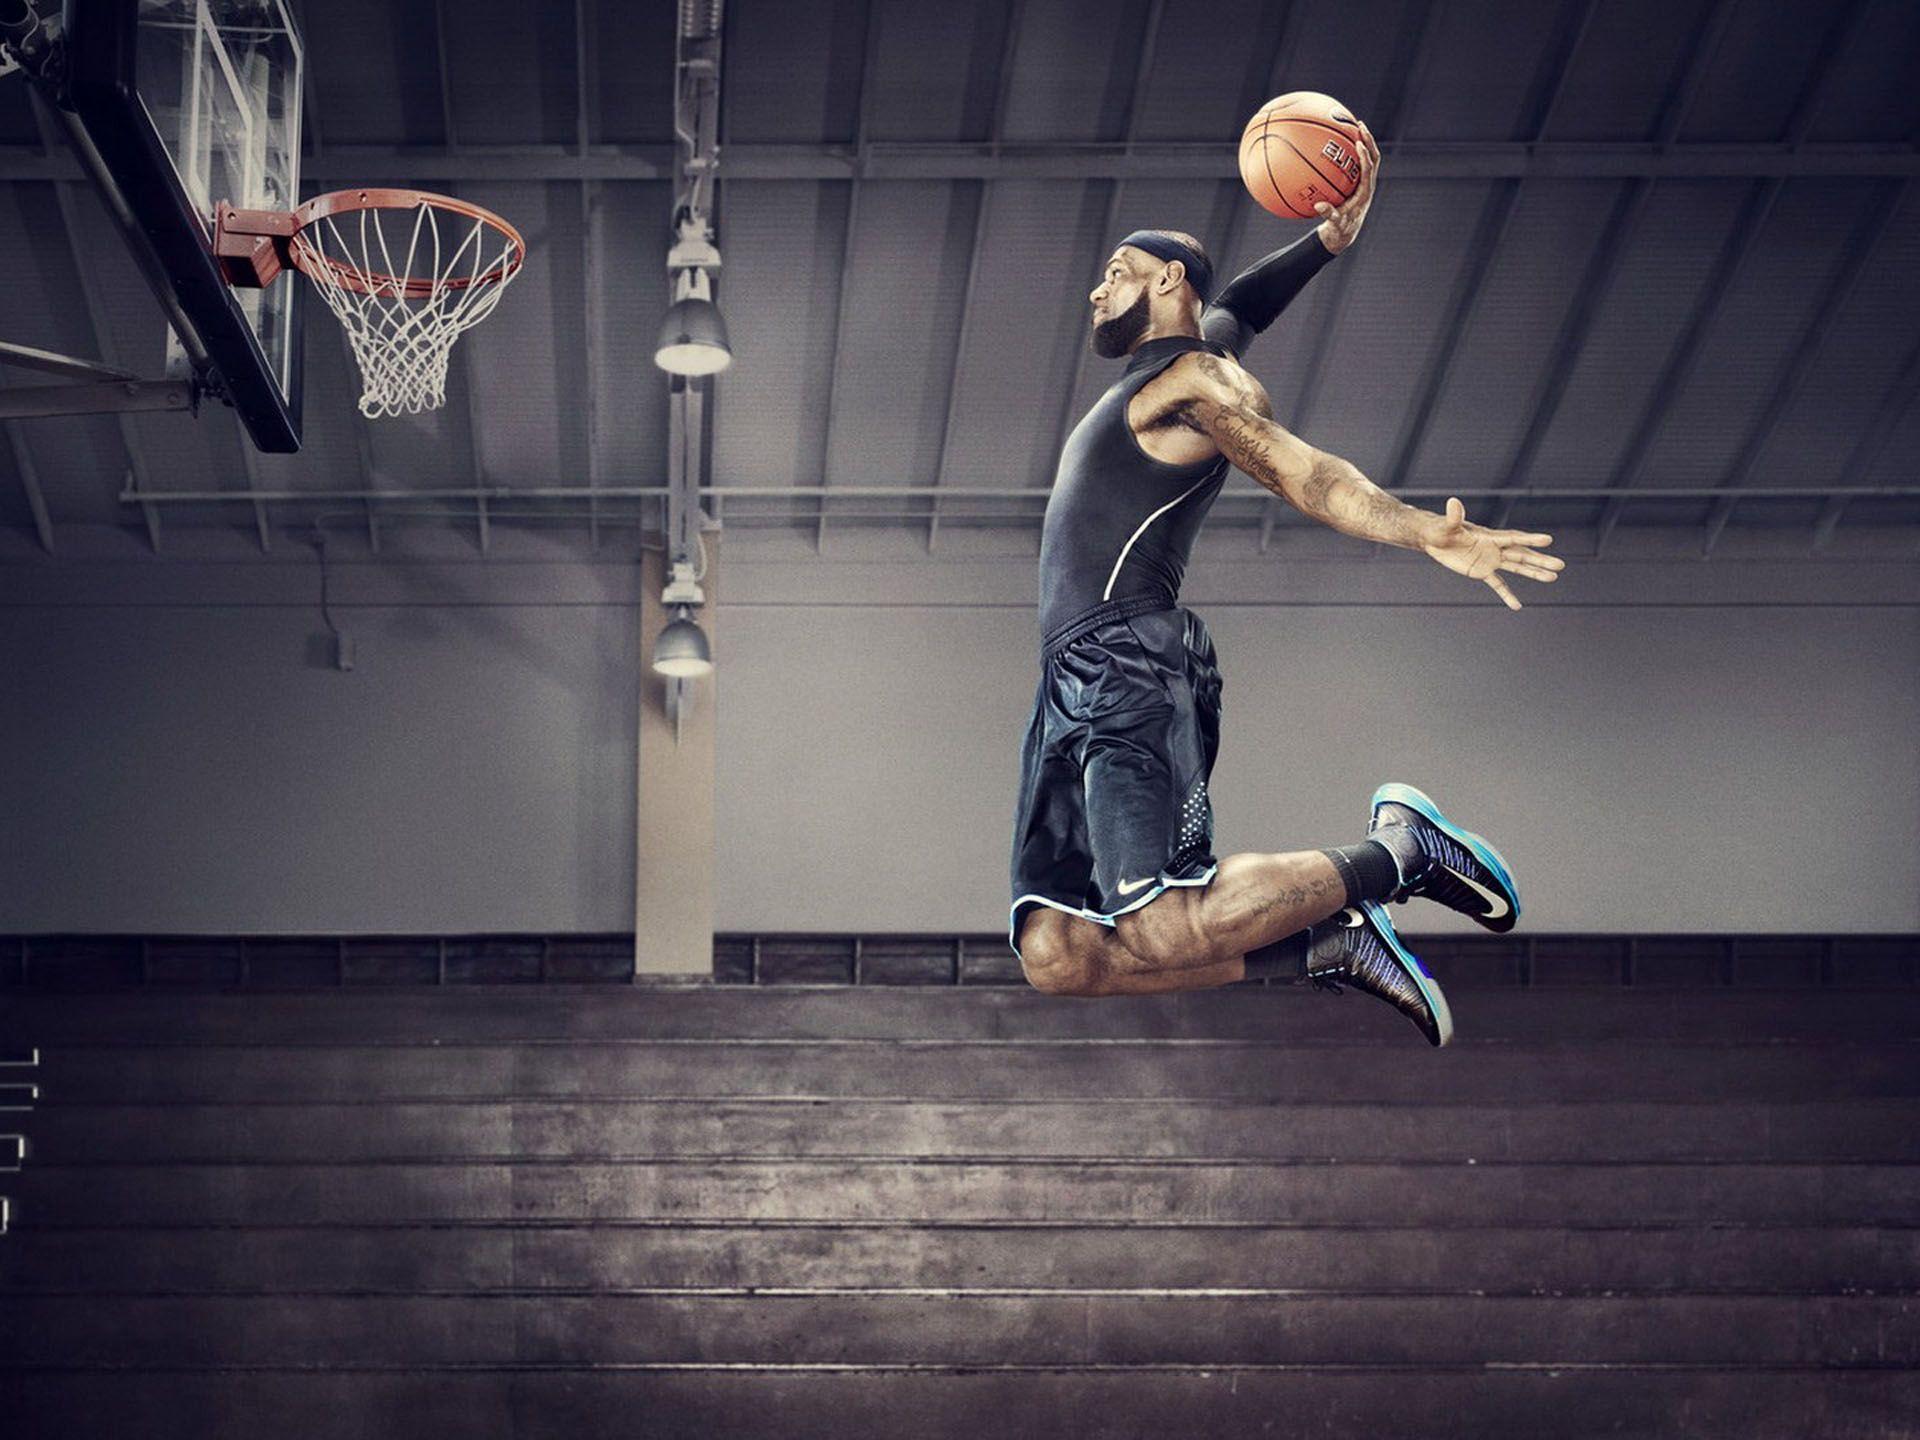 lebron-james-dunking